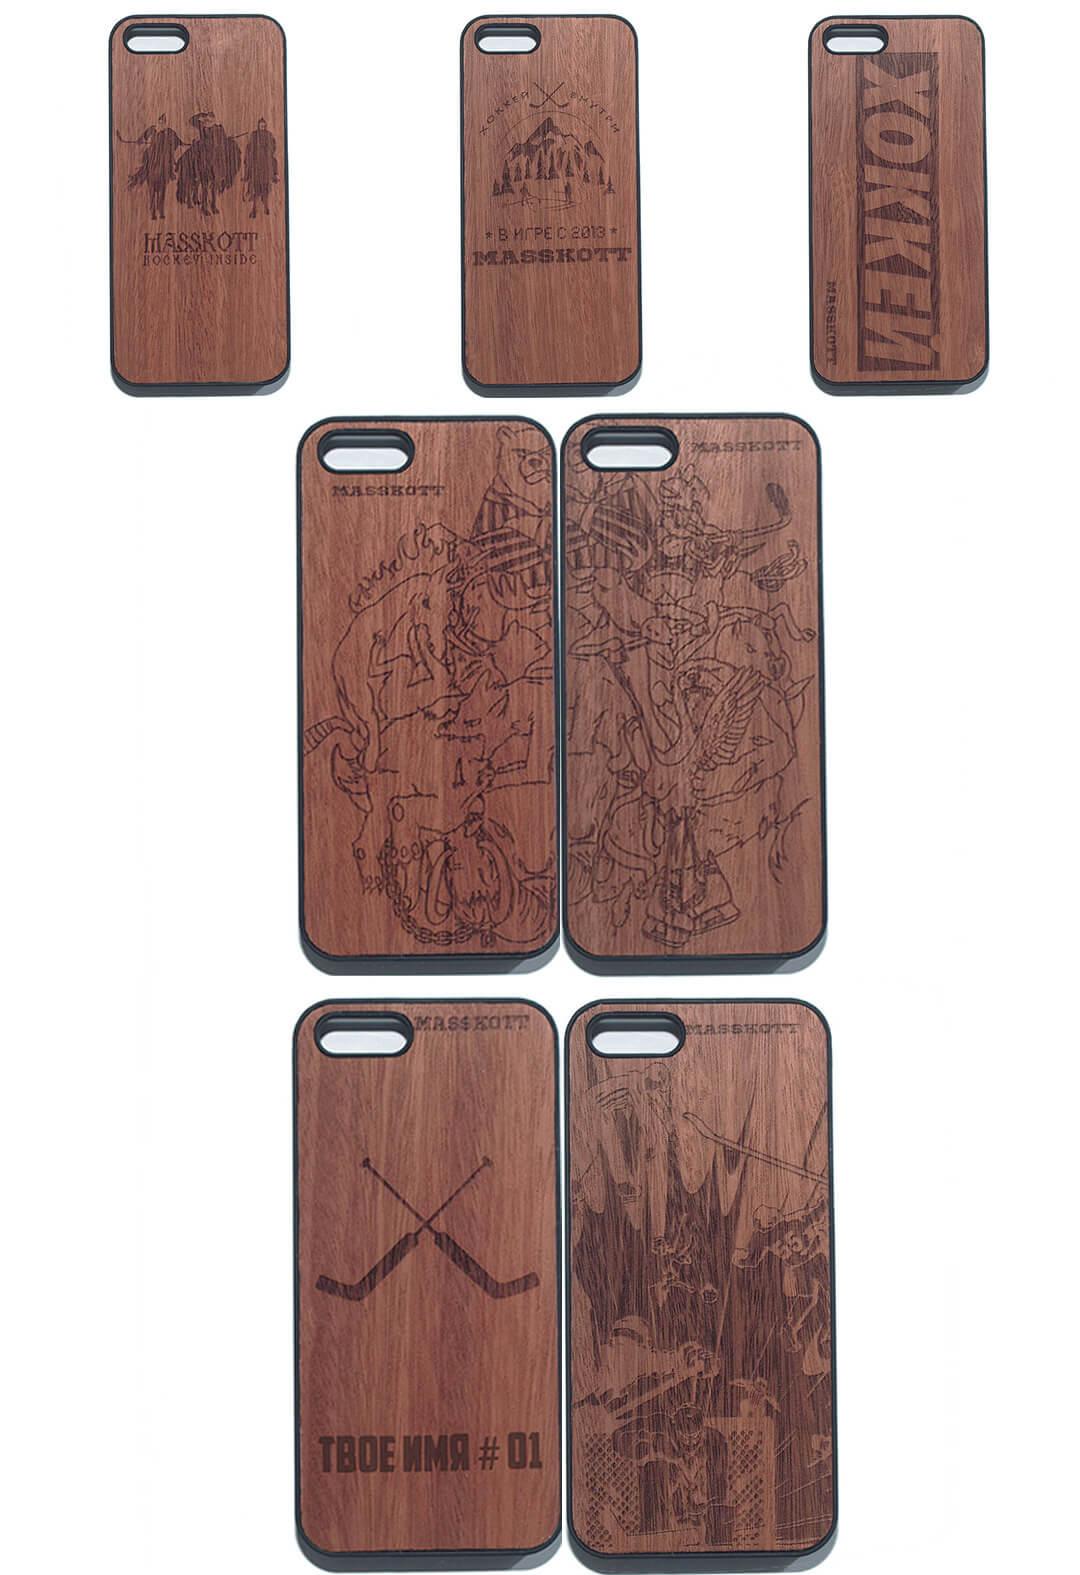 Деревянные защитные чехлы для Iphone с хоккейной символикой и гравировкой  рисунка, фамилии и номера